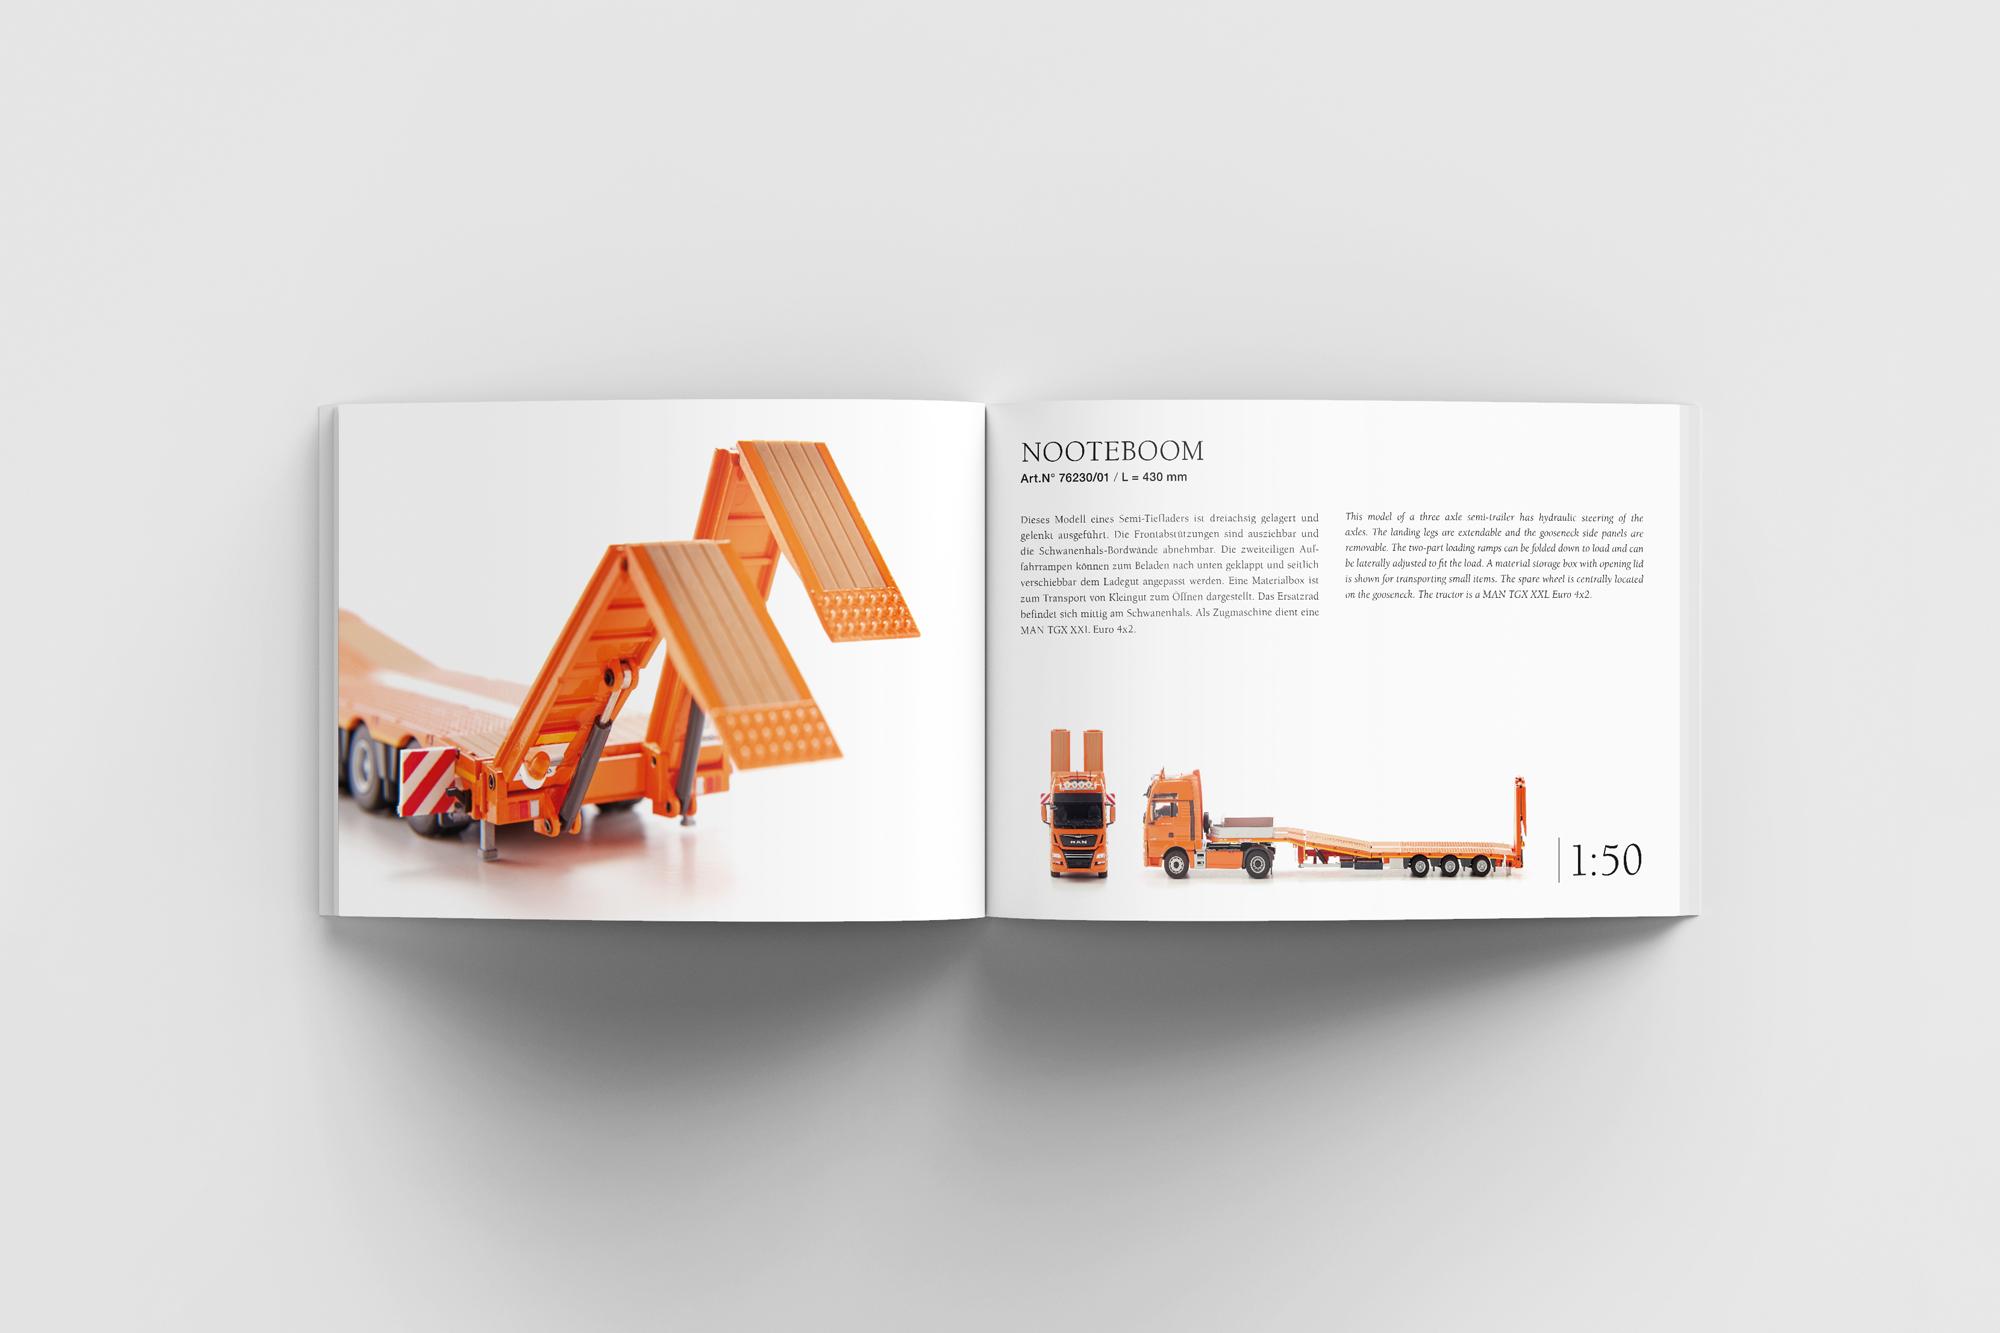 planx-conrad-modelle05